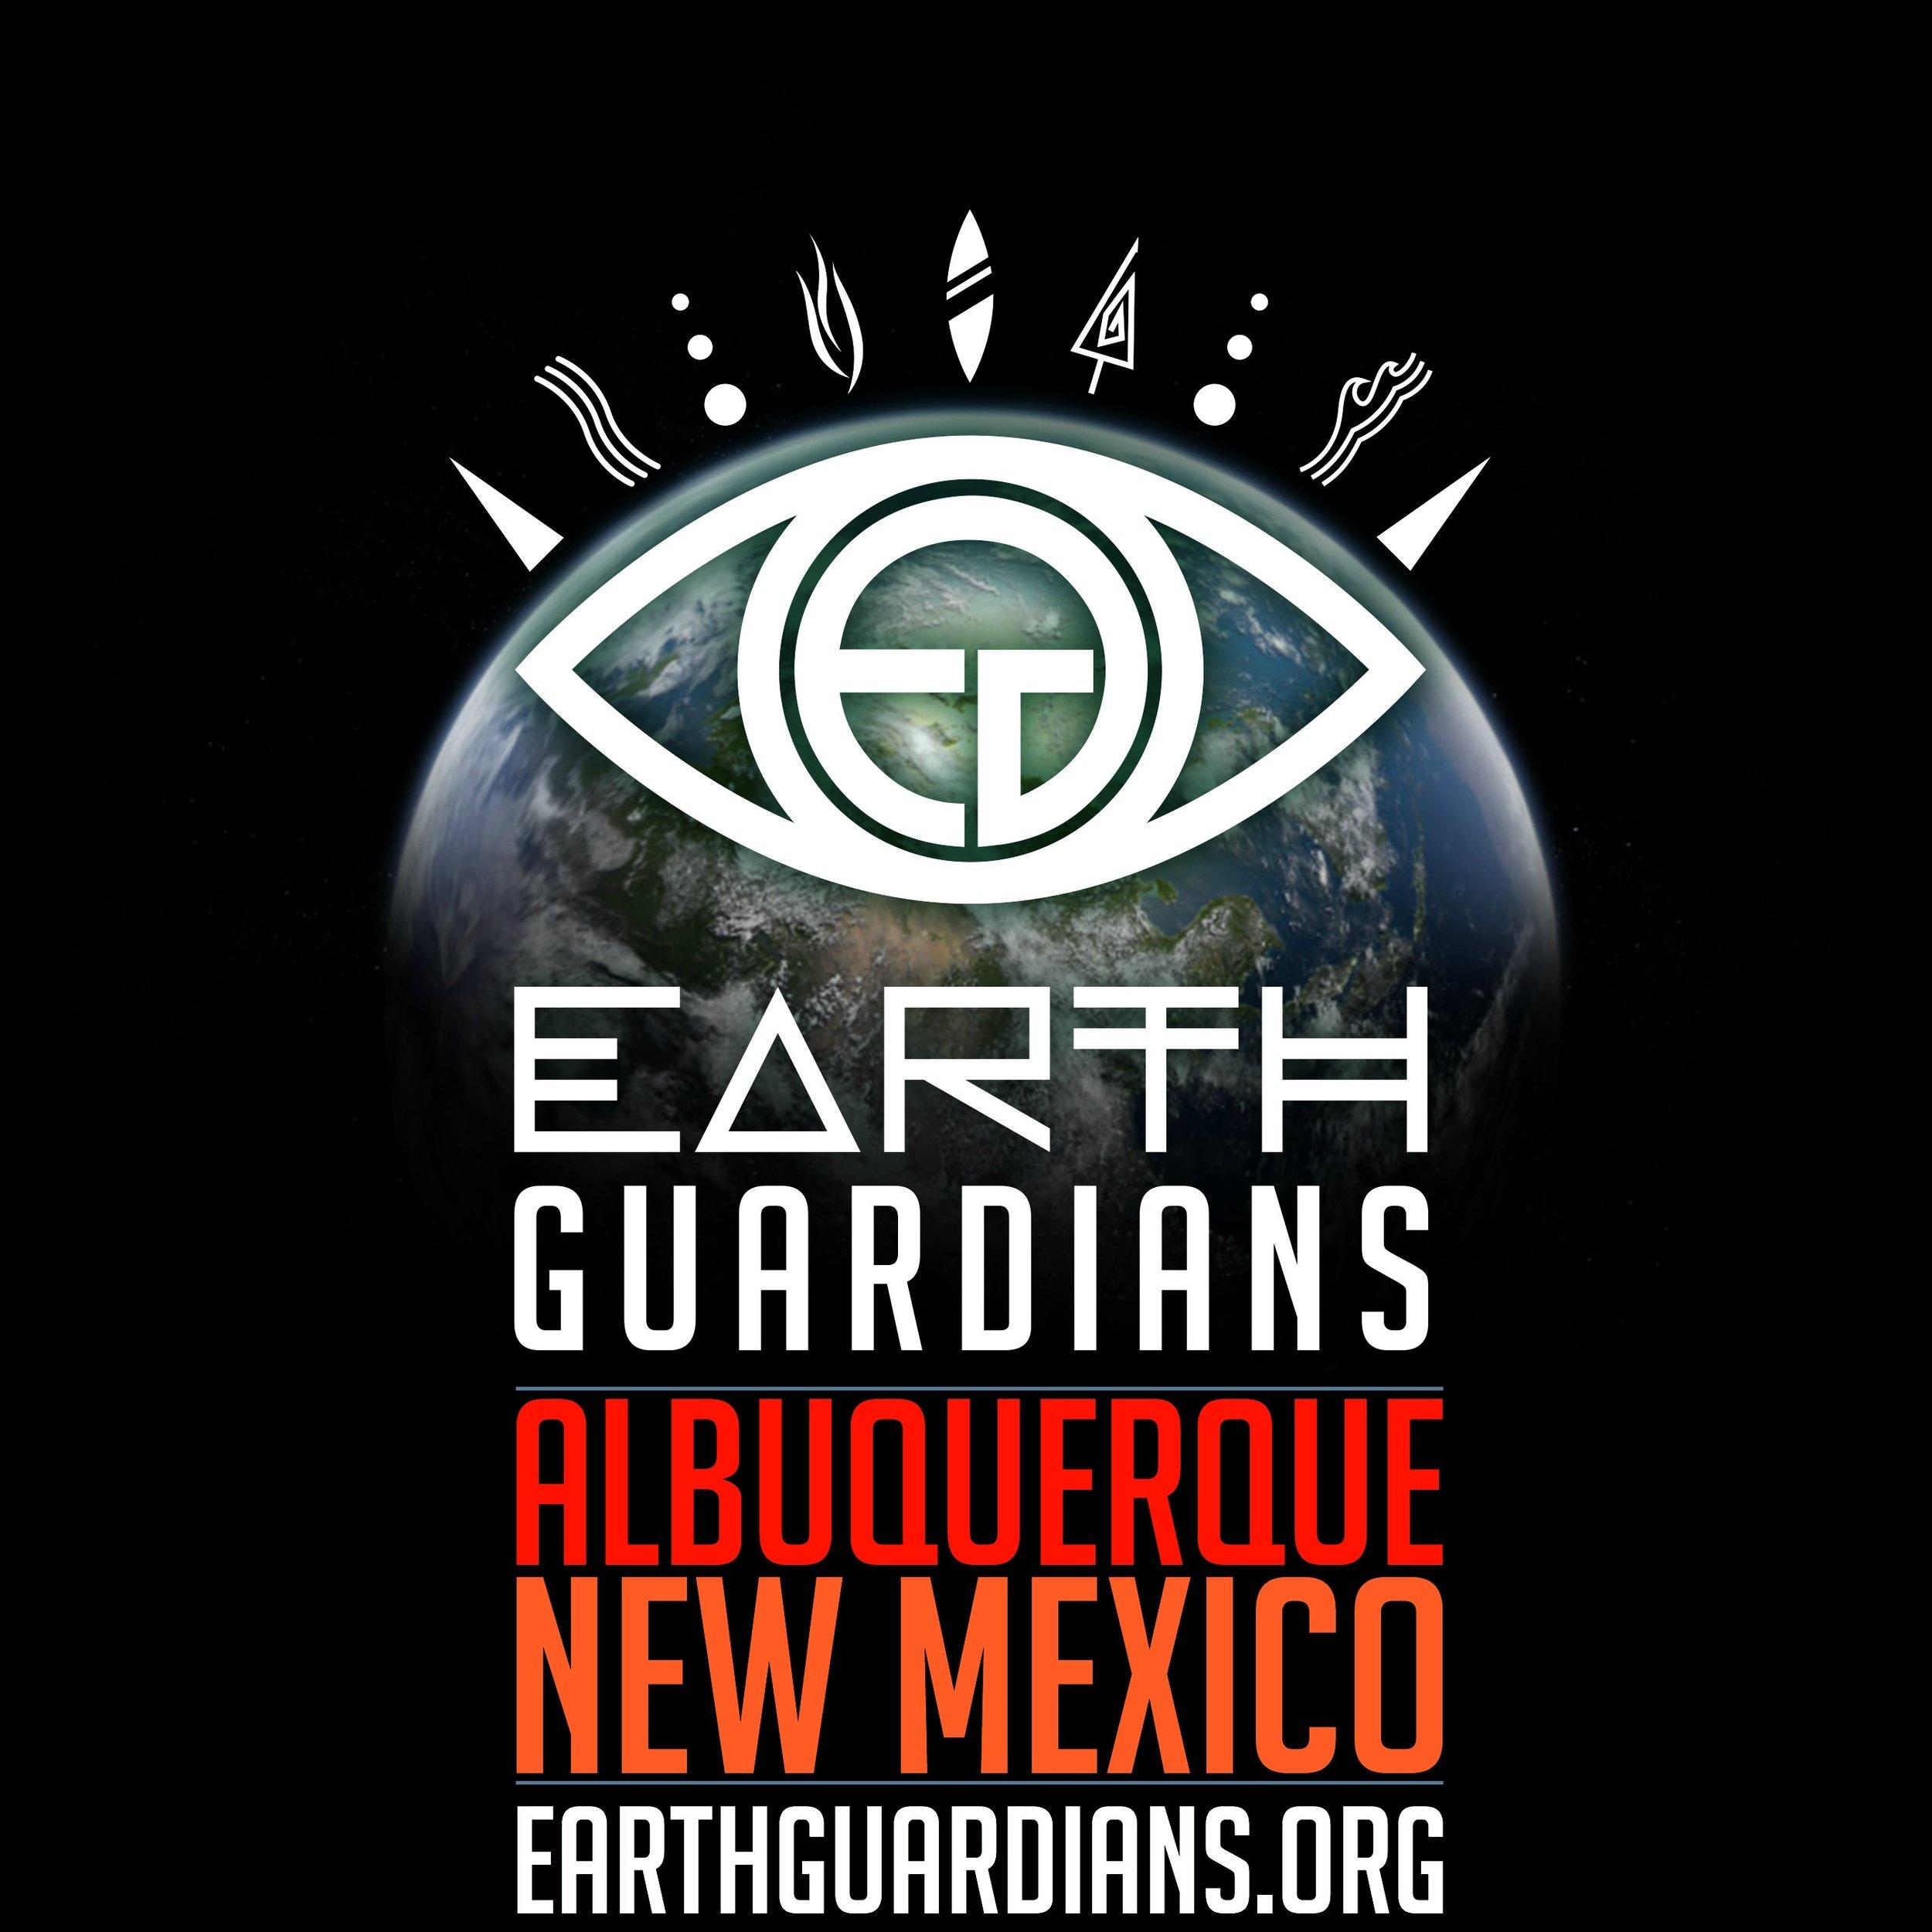 EG_crew logo ALBUQUERQUE.jpg